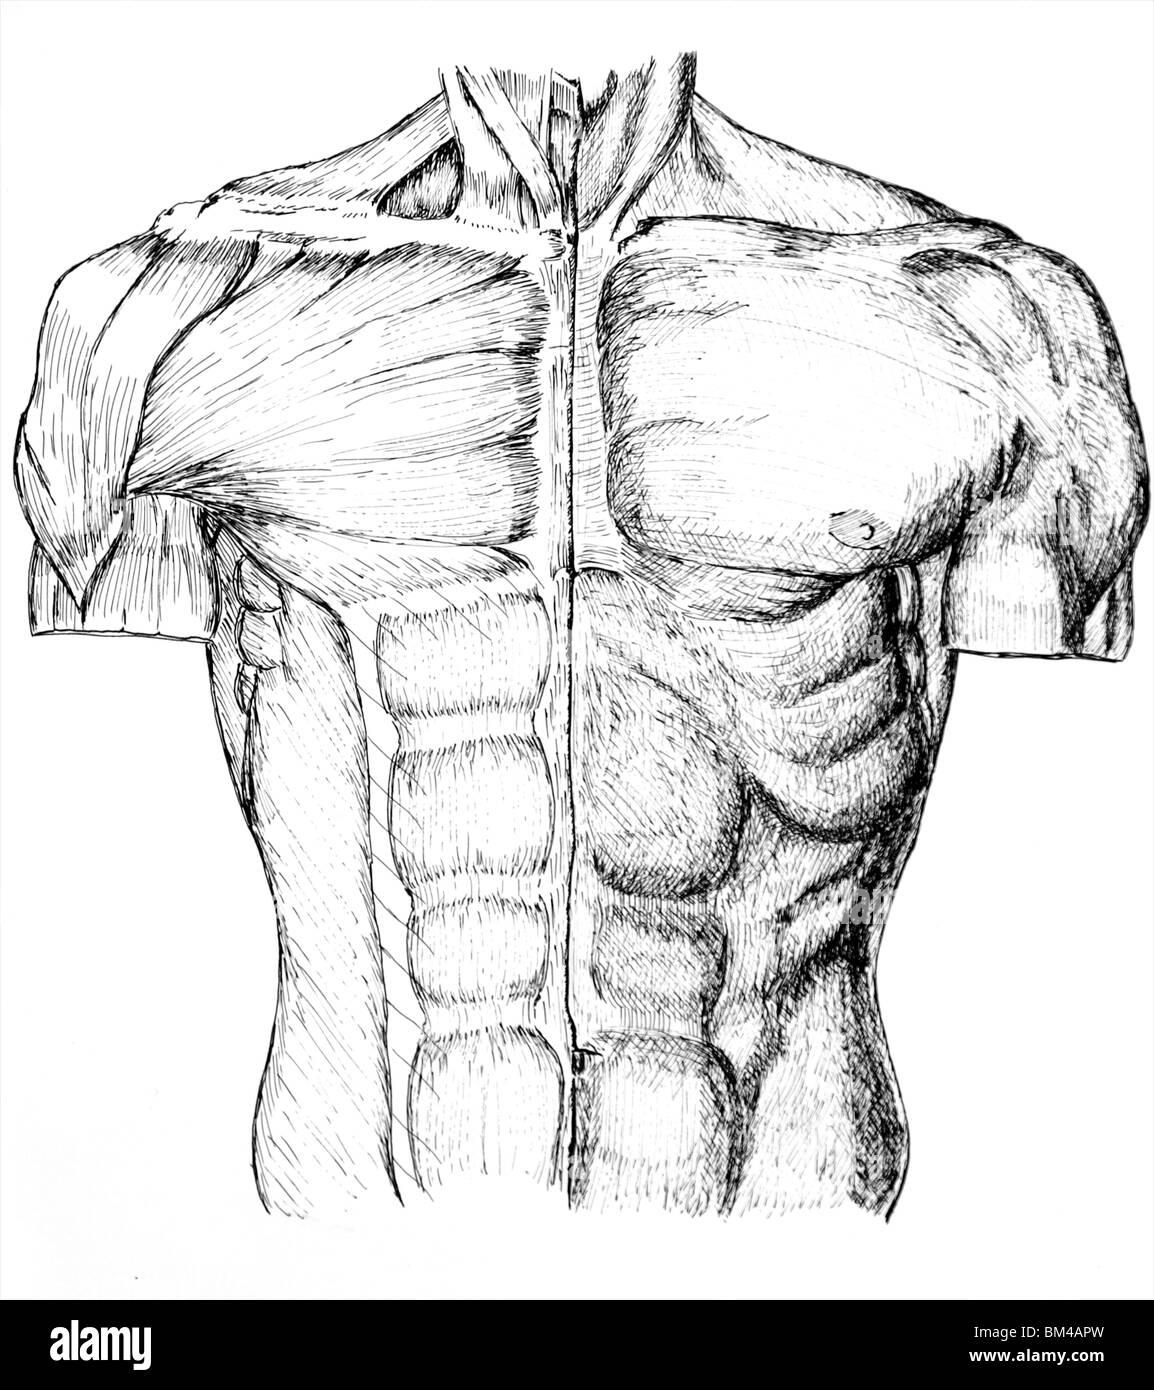 Nett Muskeln Des Torsos Anatomie Ideen - Anatomie Von Menschlichen ...